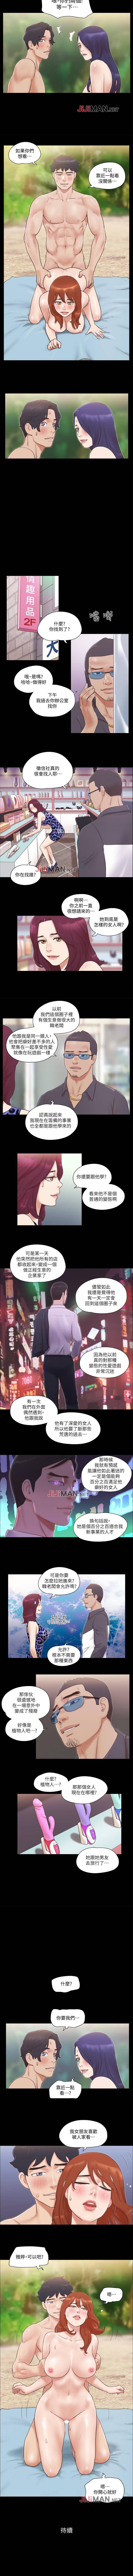 【周五连载】协议换爱(作者:遠德) 第1~62话 203